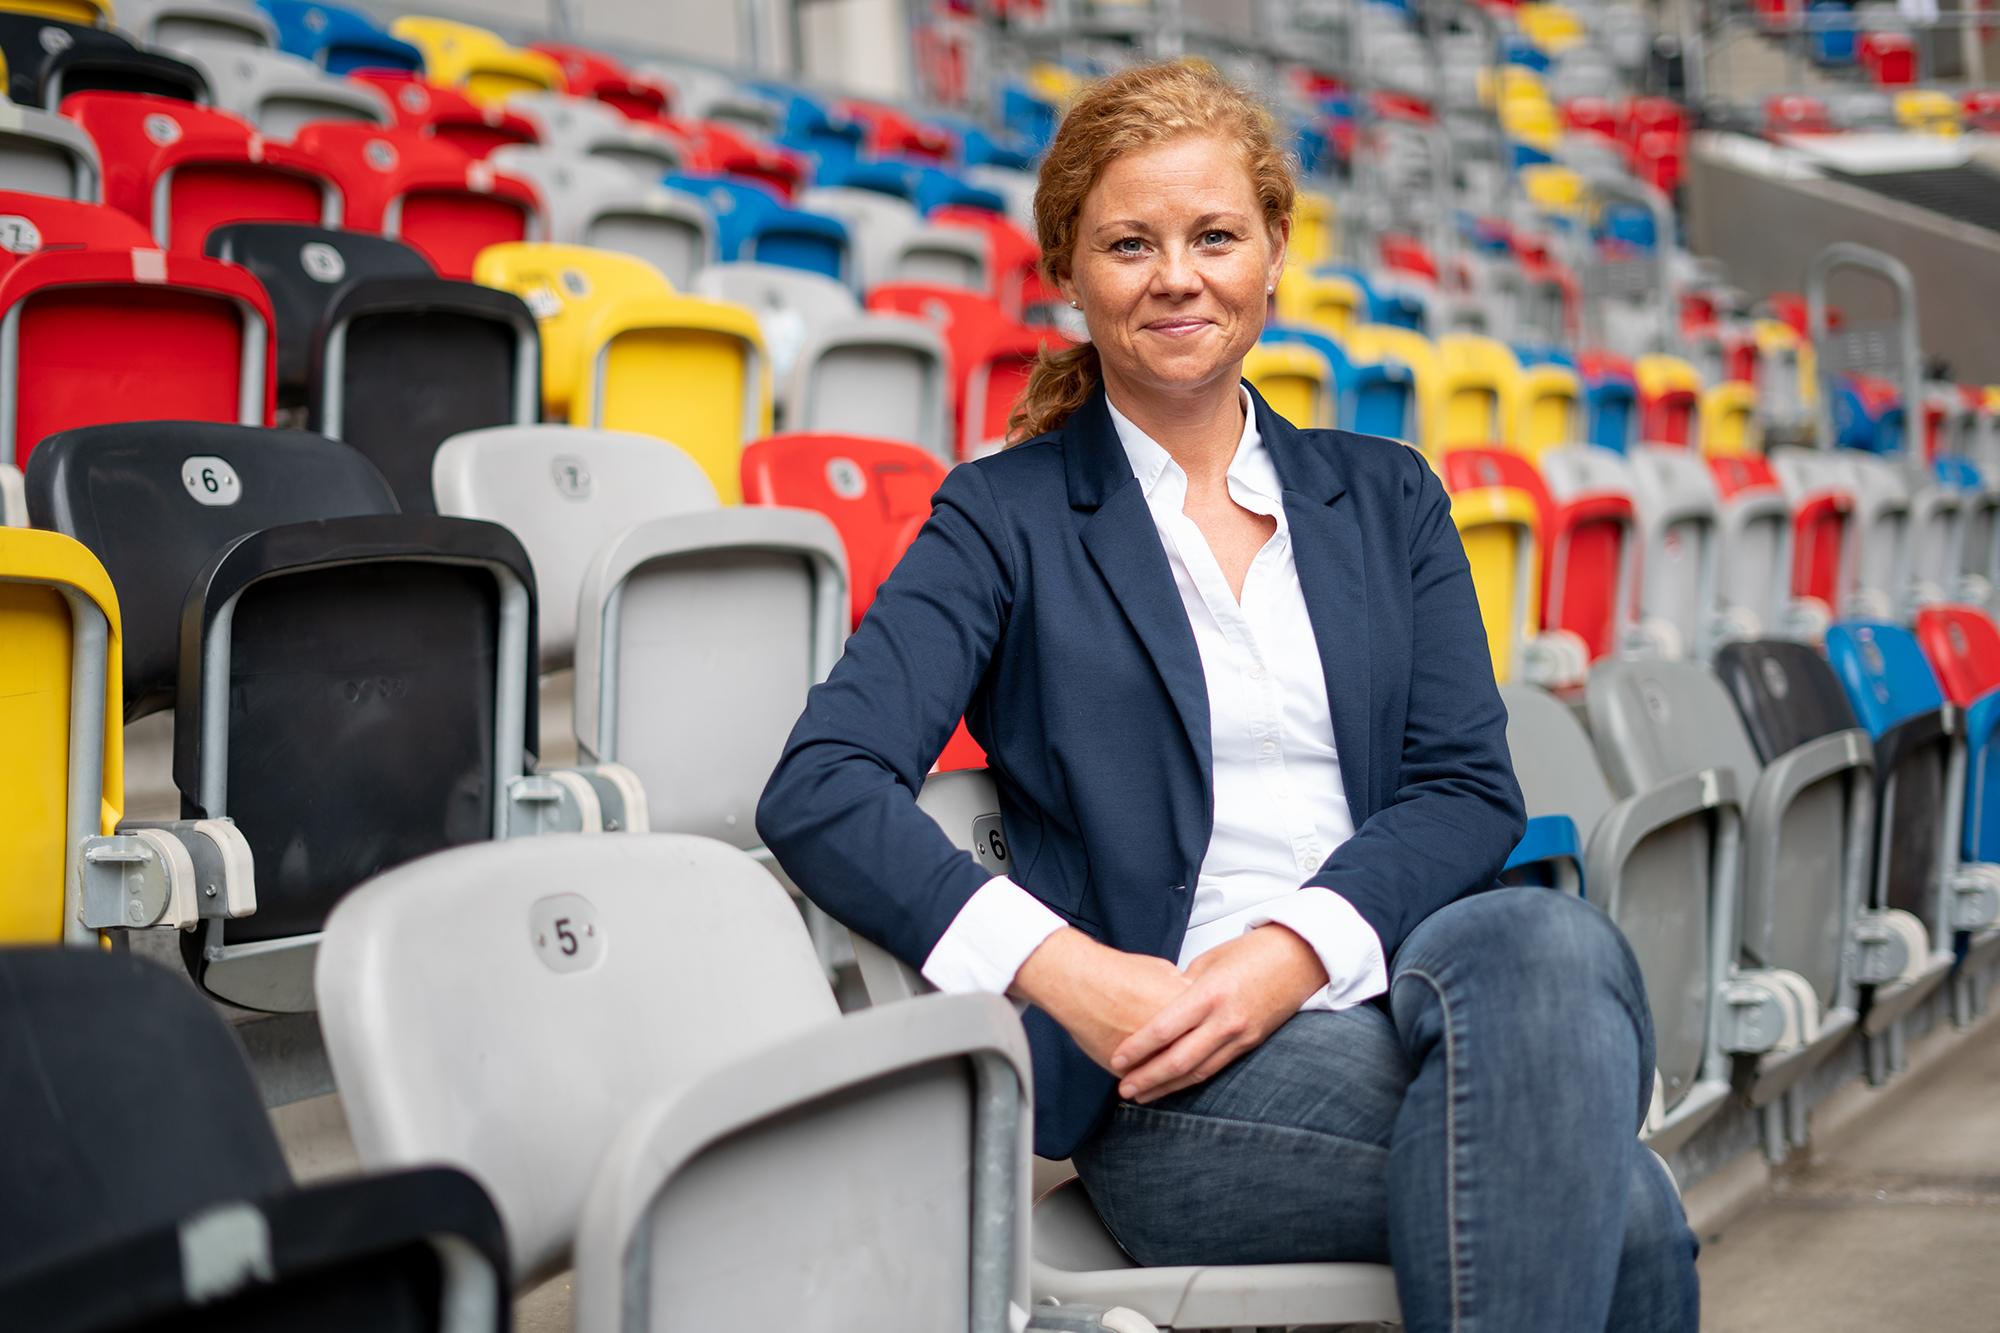 Laura Becker